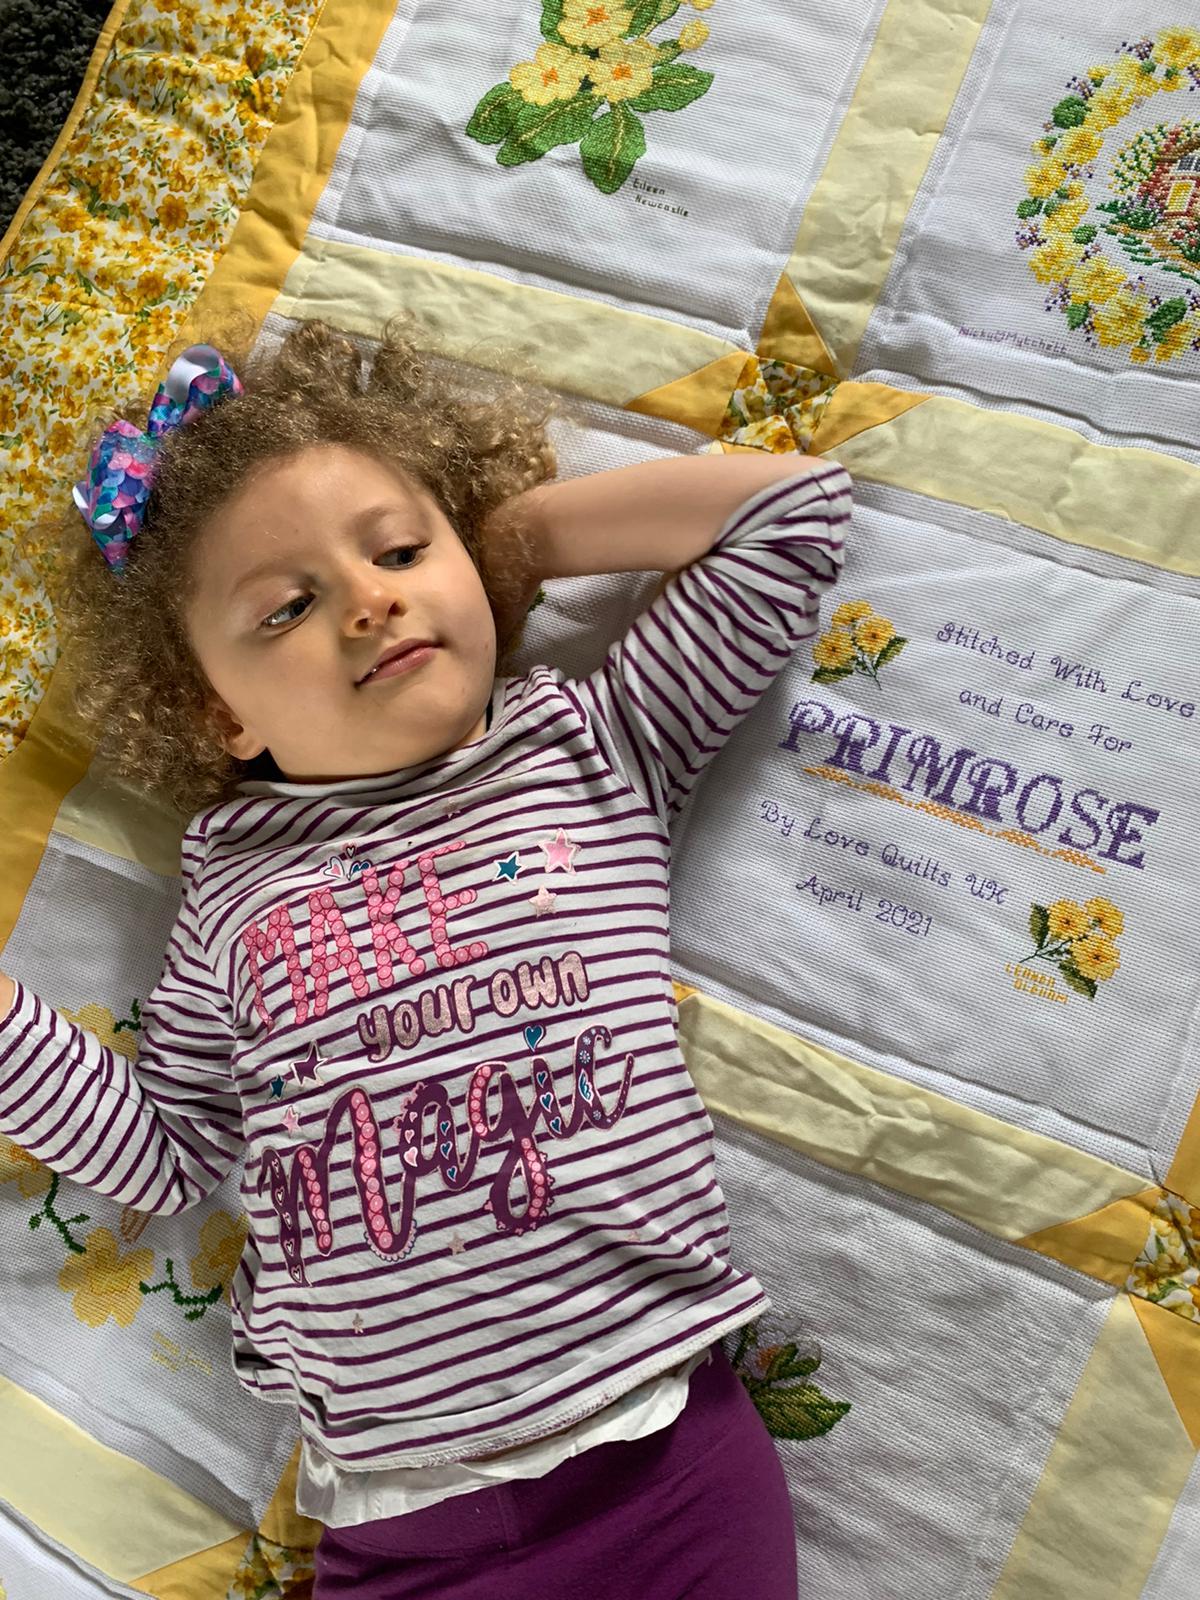 Photo of Primrose M's quilt